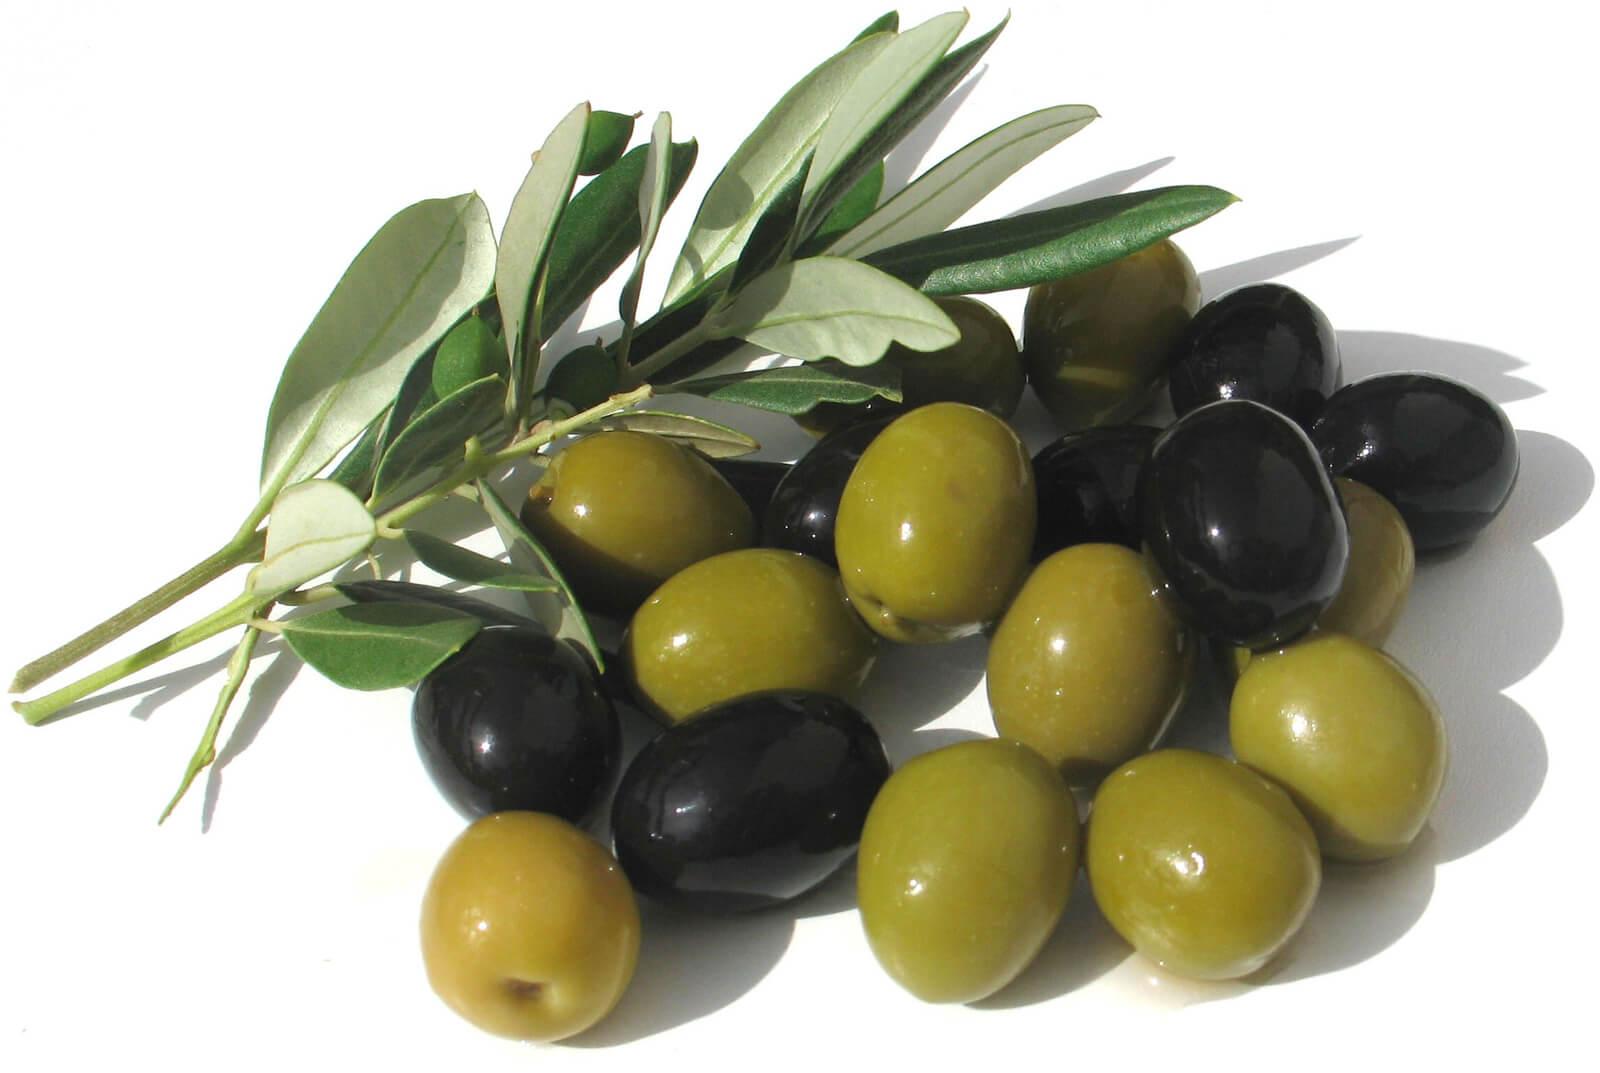 Оливки разной стадии зрелости - зеленые и черные